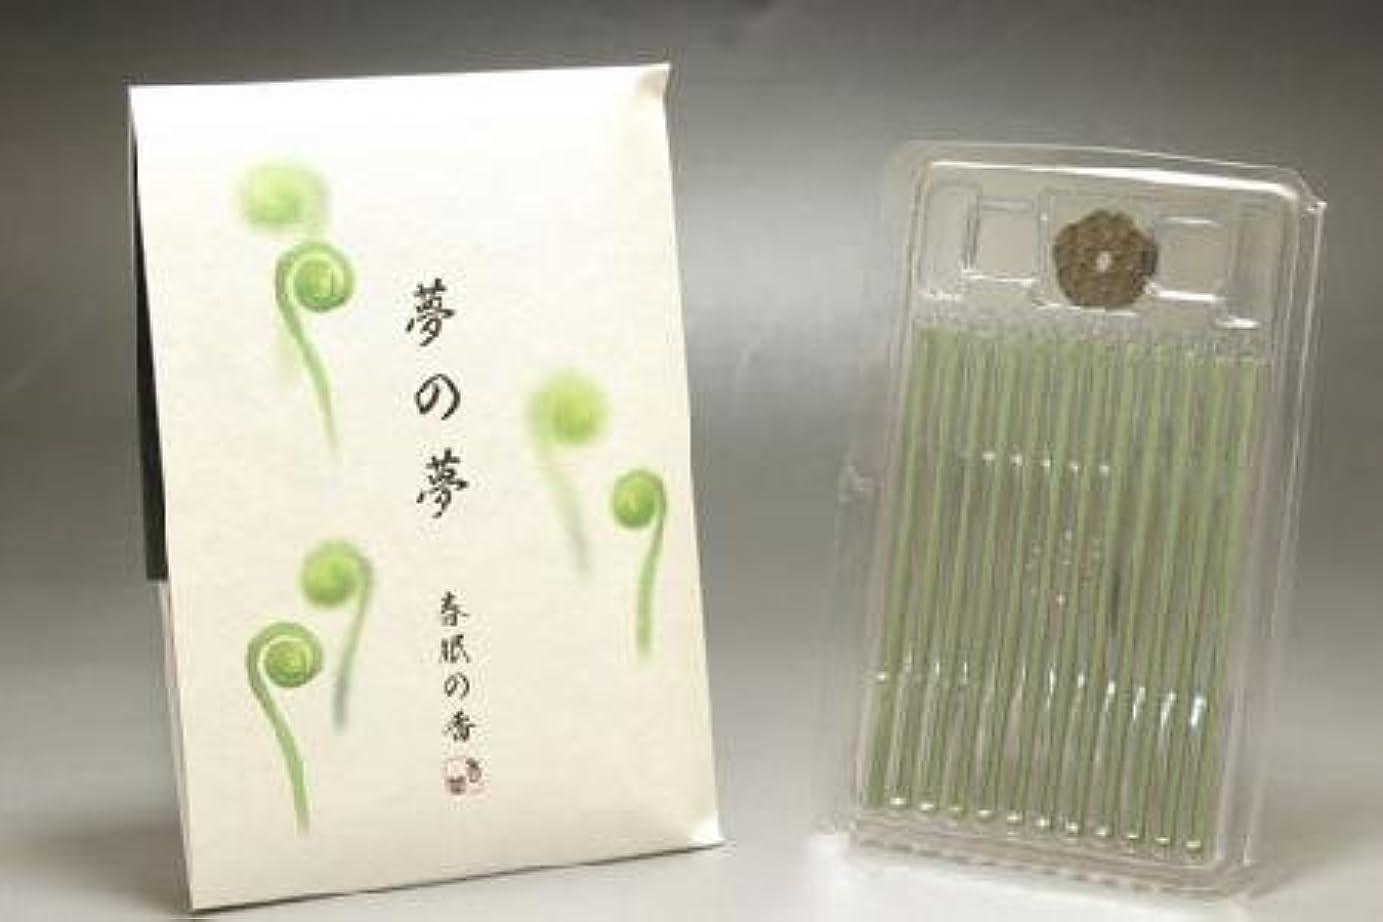 計器吸い込む静かに日本香堂のお香 夢の夢 春眠の春(はるねむり)のお香 スティック型12本入